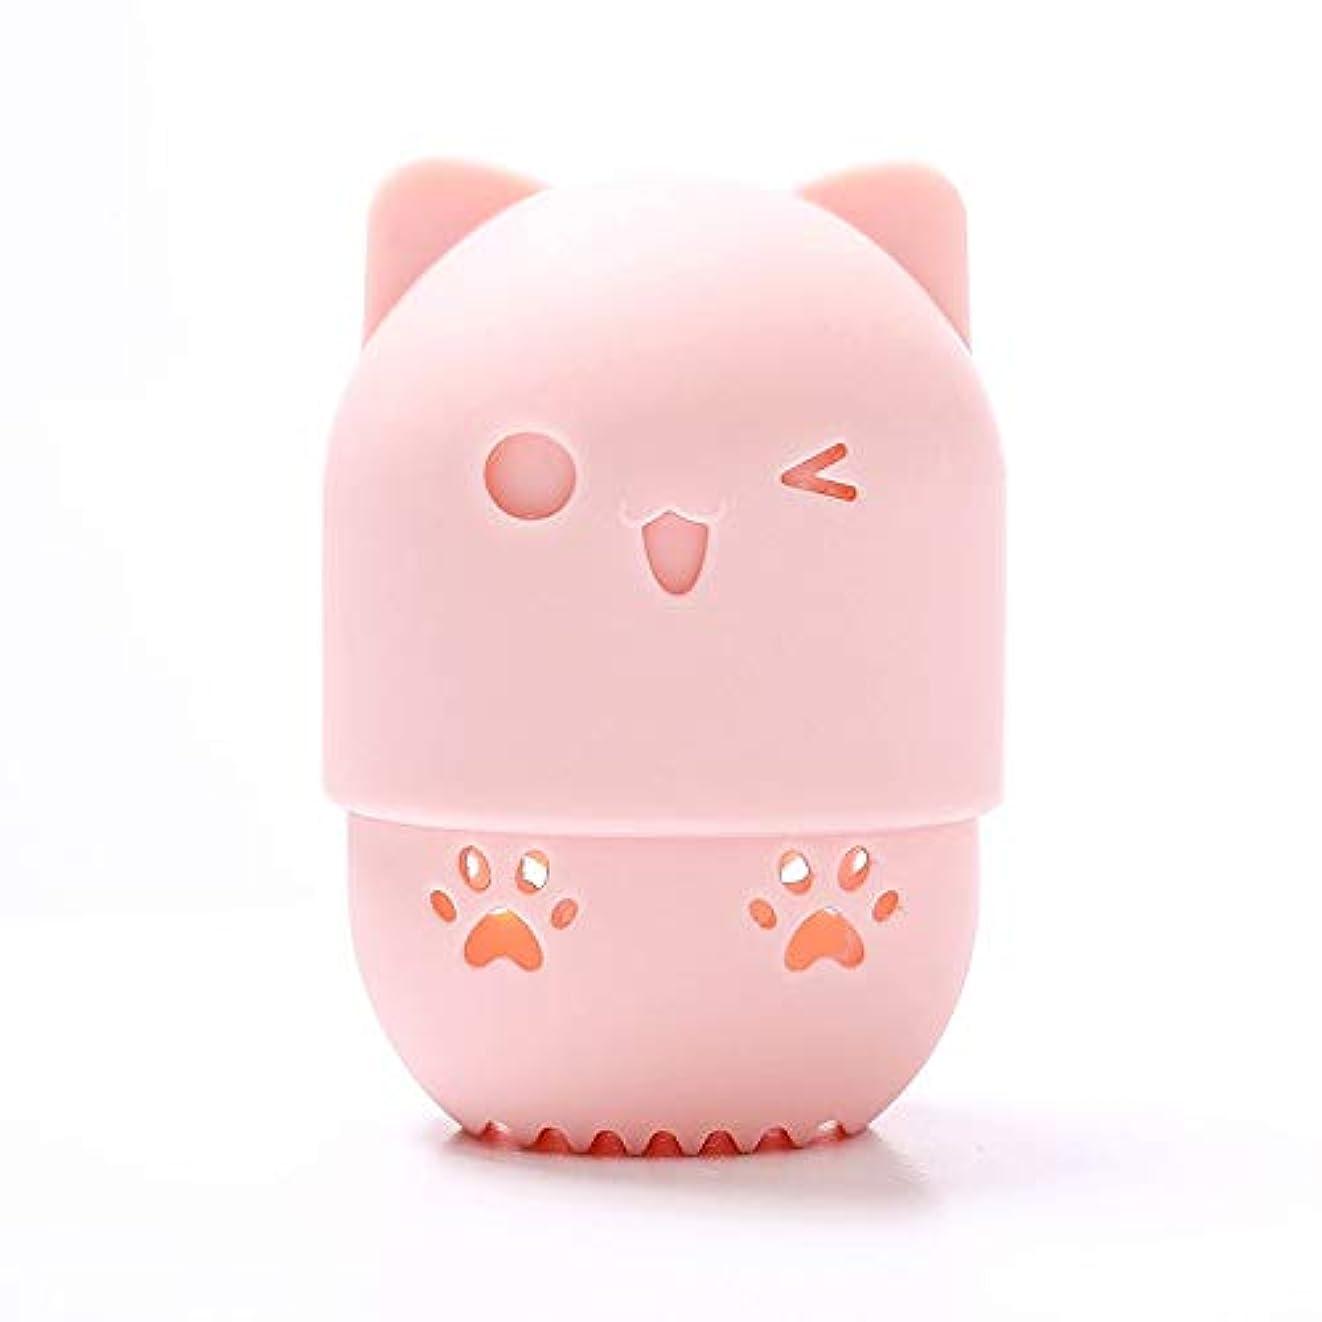 アライアンスまた明日ね行商人スポンジパフ収納ボックス ,可愛い通気性を柔らか美容スポンジ シリコン旅行 キャリングケース、あらゆる化粧スポンジ適用 (ピンク)